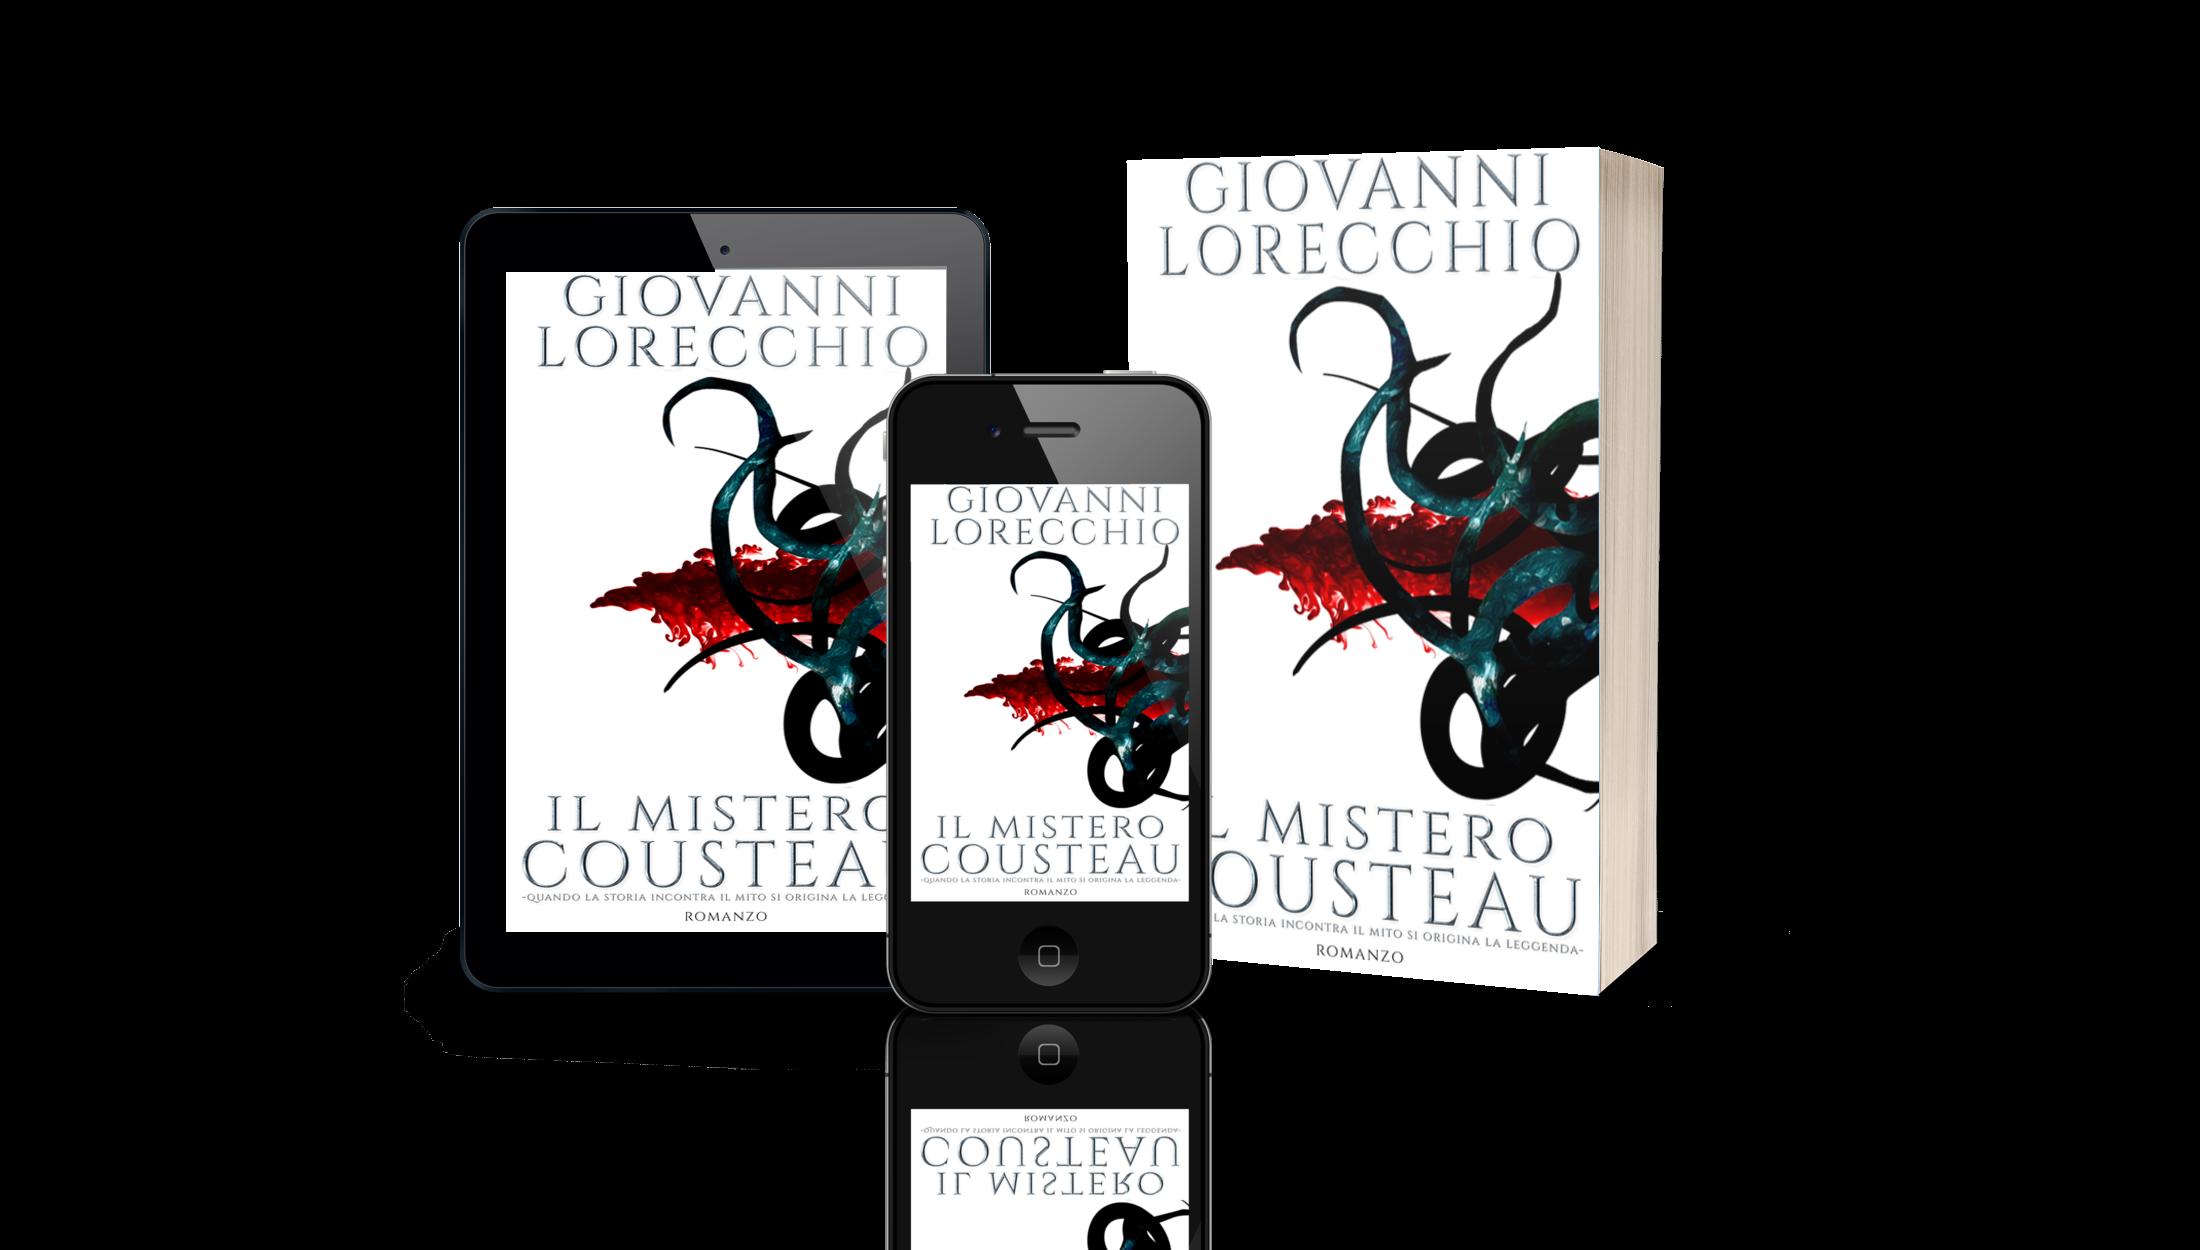 Giovanni Lorecchio - Il Mistero Cousteau